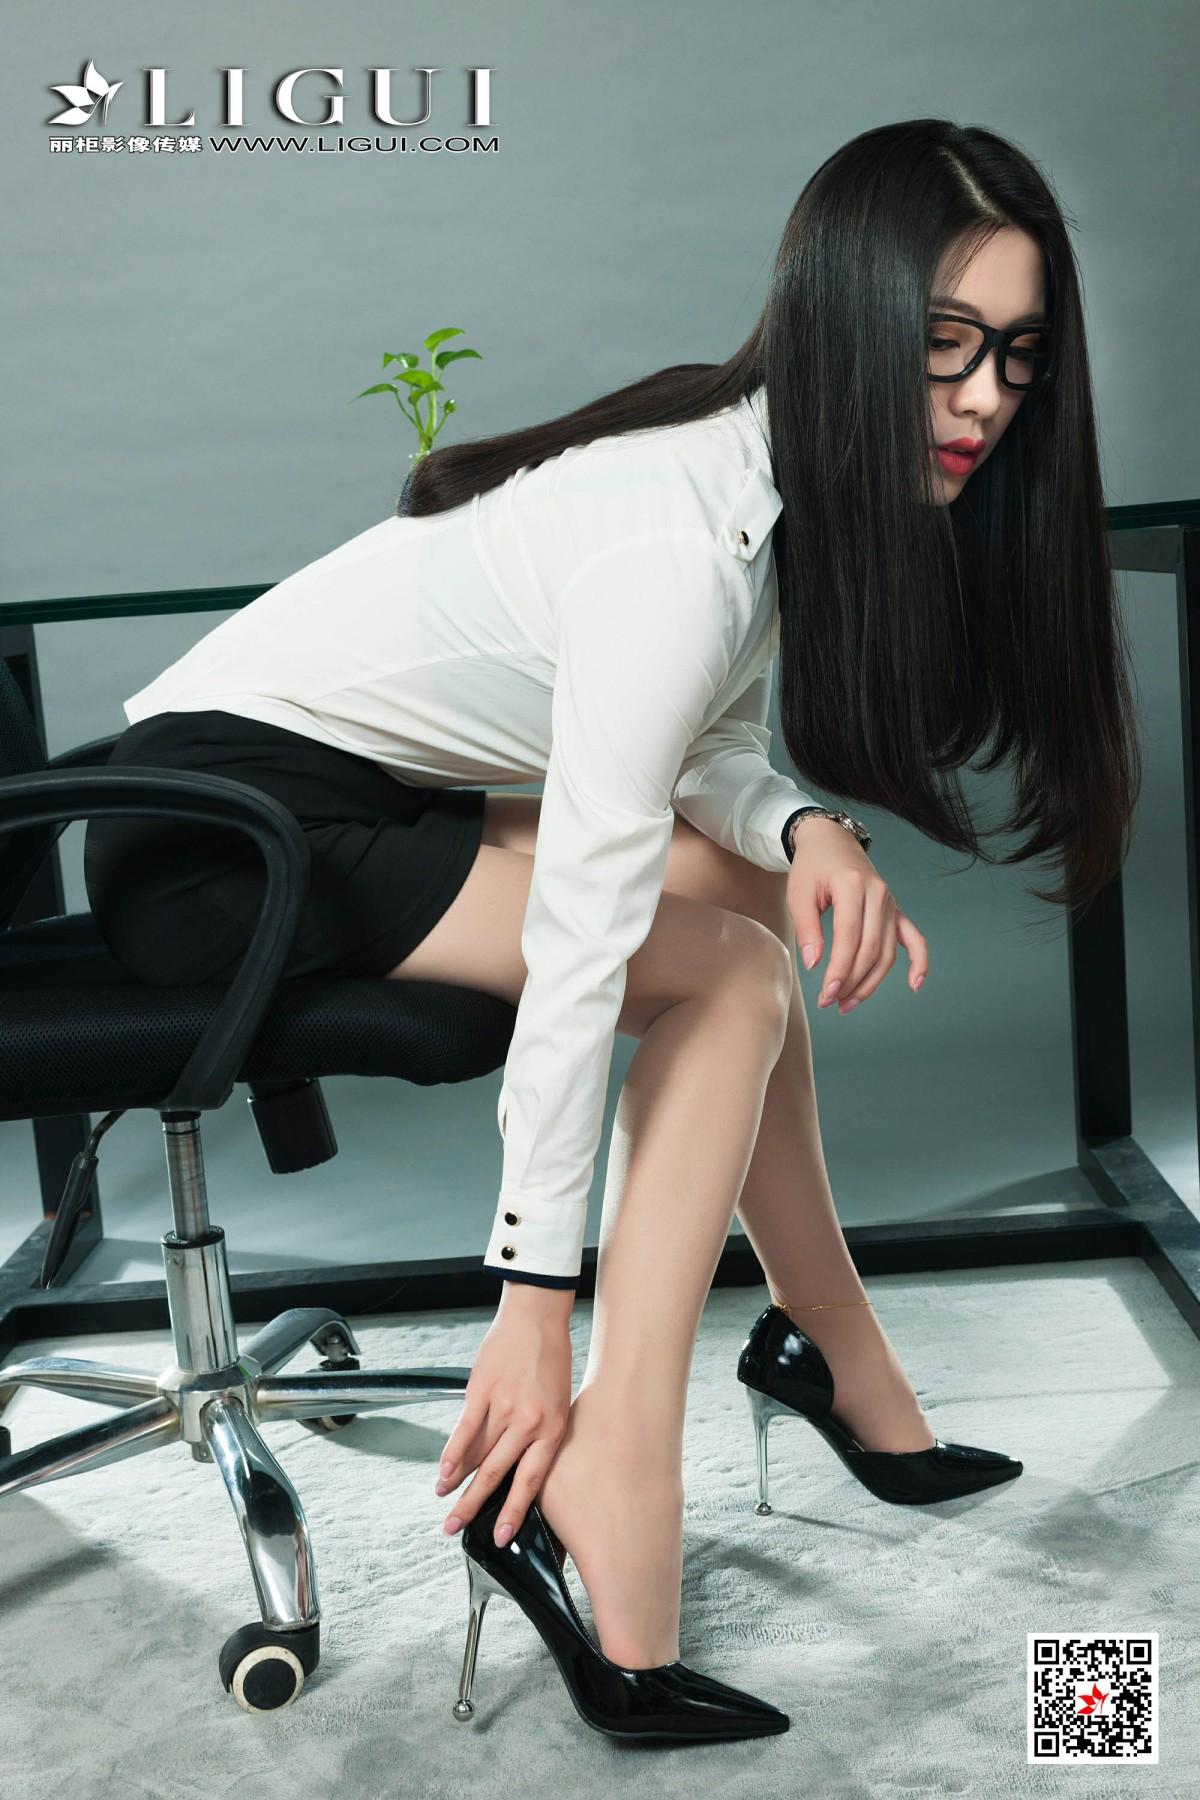 [Ligui丽柜]2019.09.16《职场新秀》 书雅[41P] 网络丽人 第4张